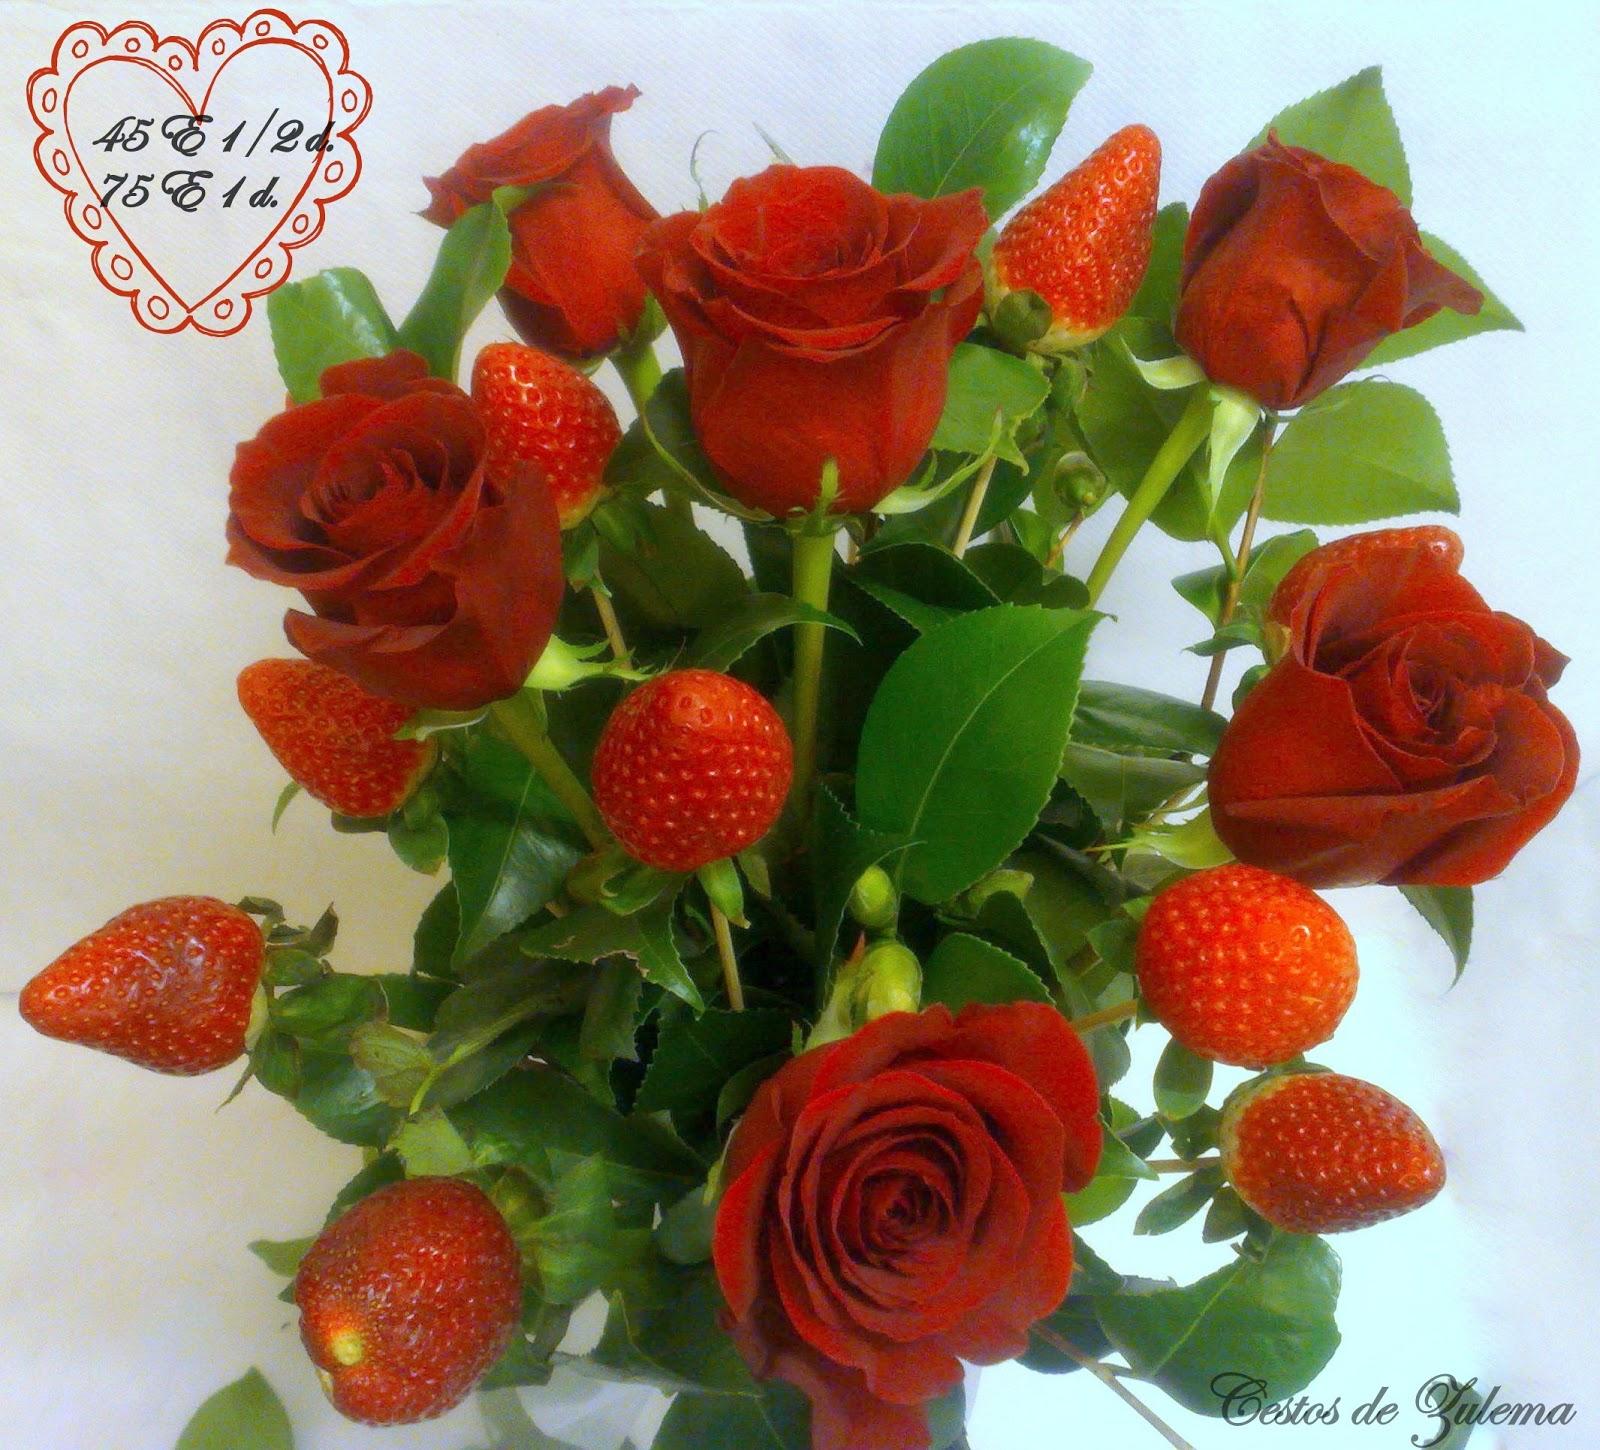 Imagenes De Un Ramo De Rosas - ramo de rosas azules Mundo Imágenes